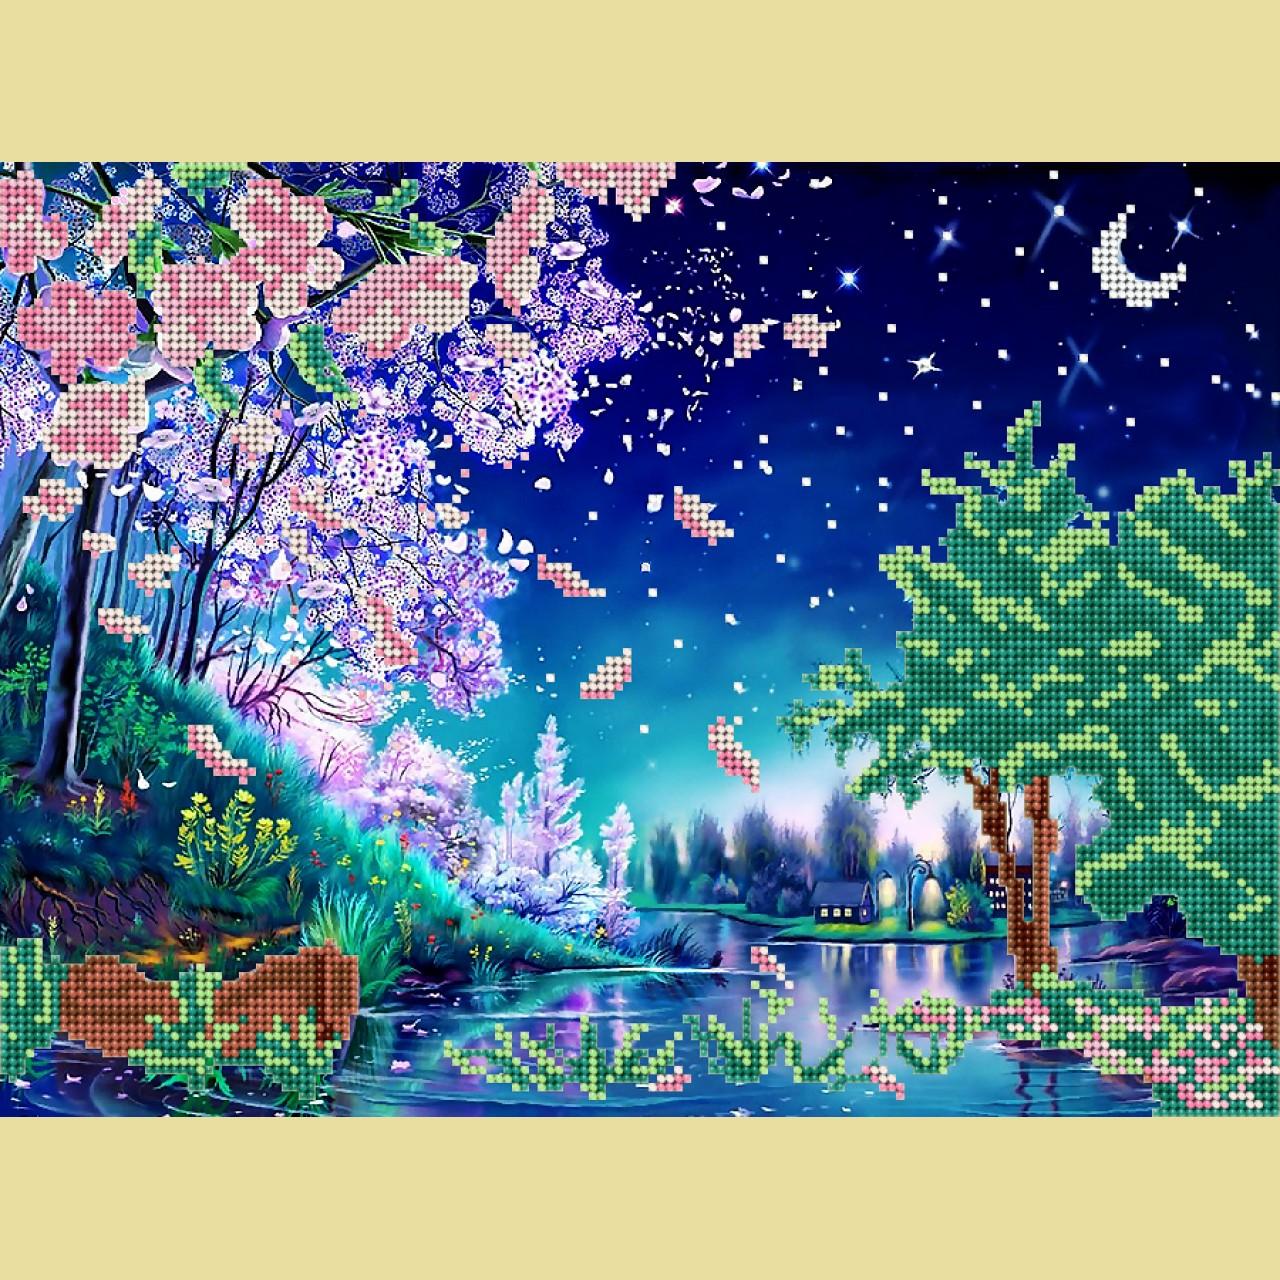 Скачать схему вышивки Riolis 1088 Ван Гог Звёздная ночь 39